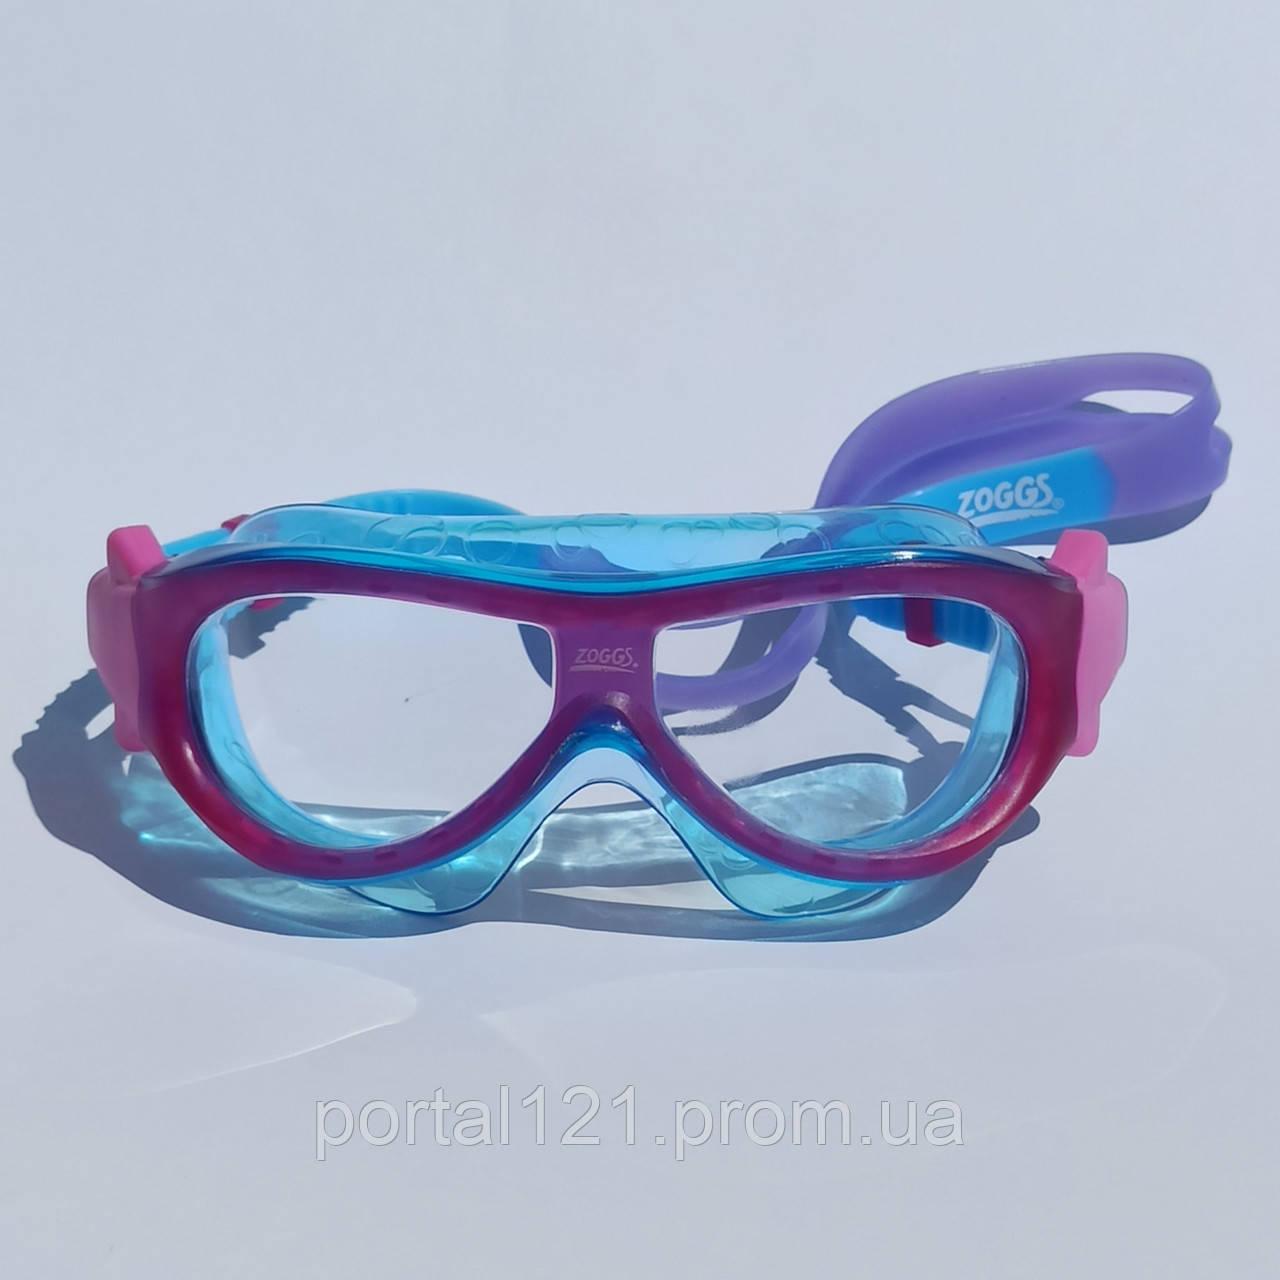 Окуляри-маска для плавання Zoggs Phantom Kids Mask дитяча